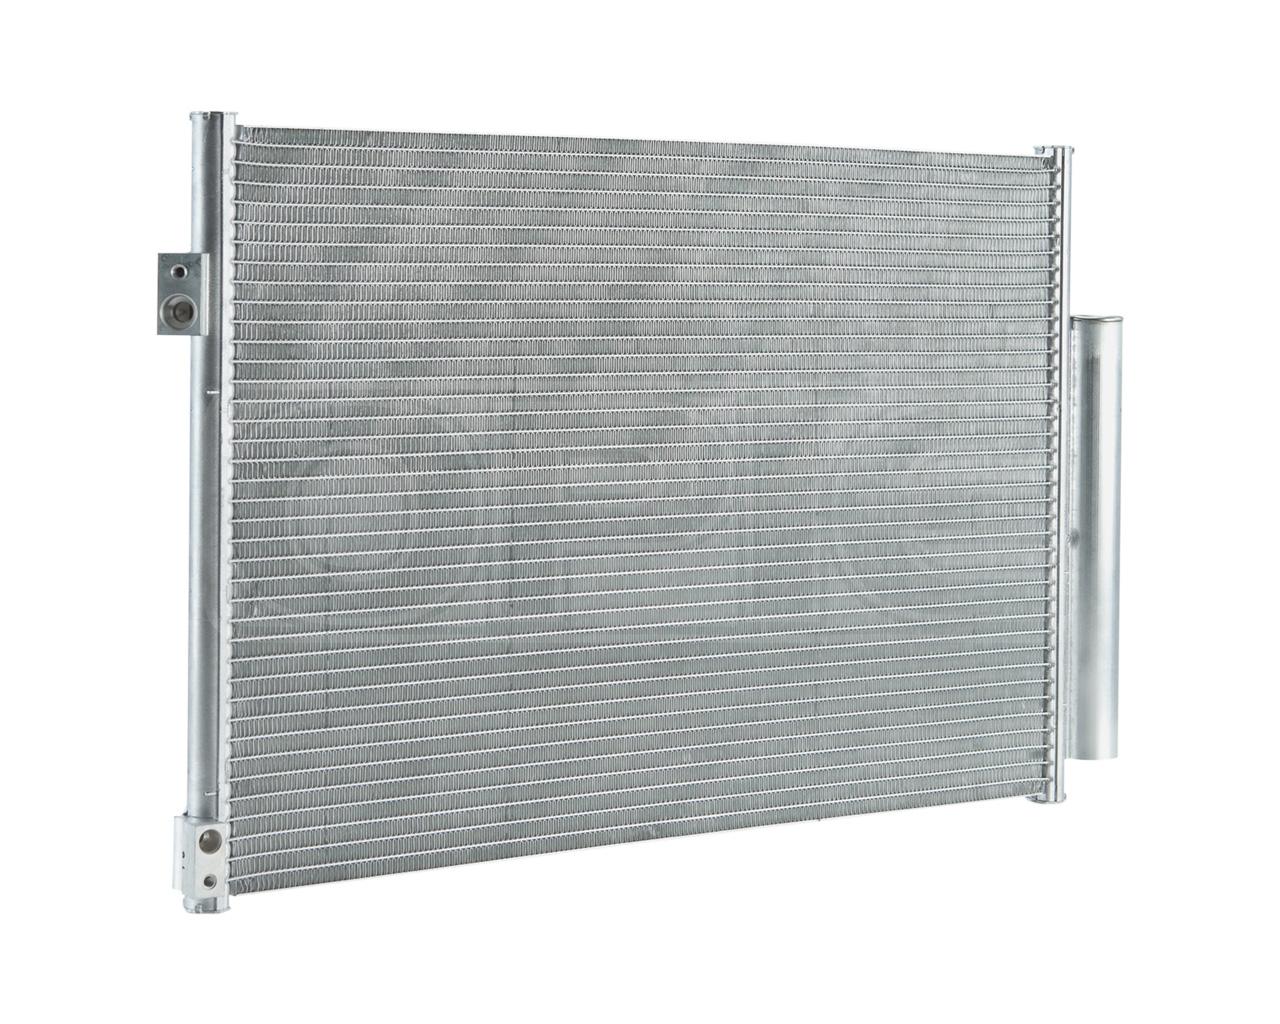 DENSO Air Conditioning Condenser DCN47007 | A/C Car / Van / Engine Parts -  Fits Suzuki Swift IV